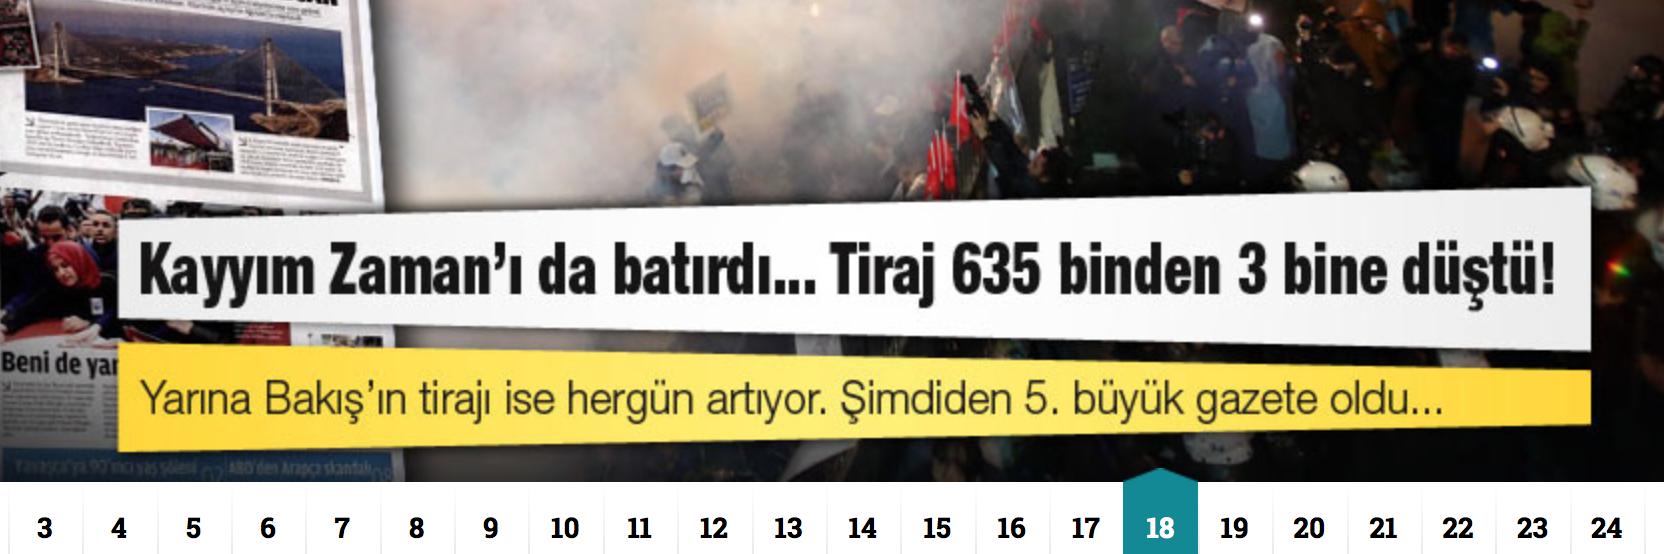 tiraj1